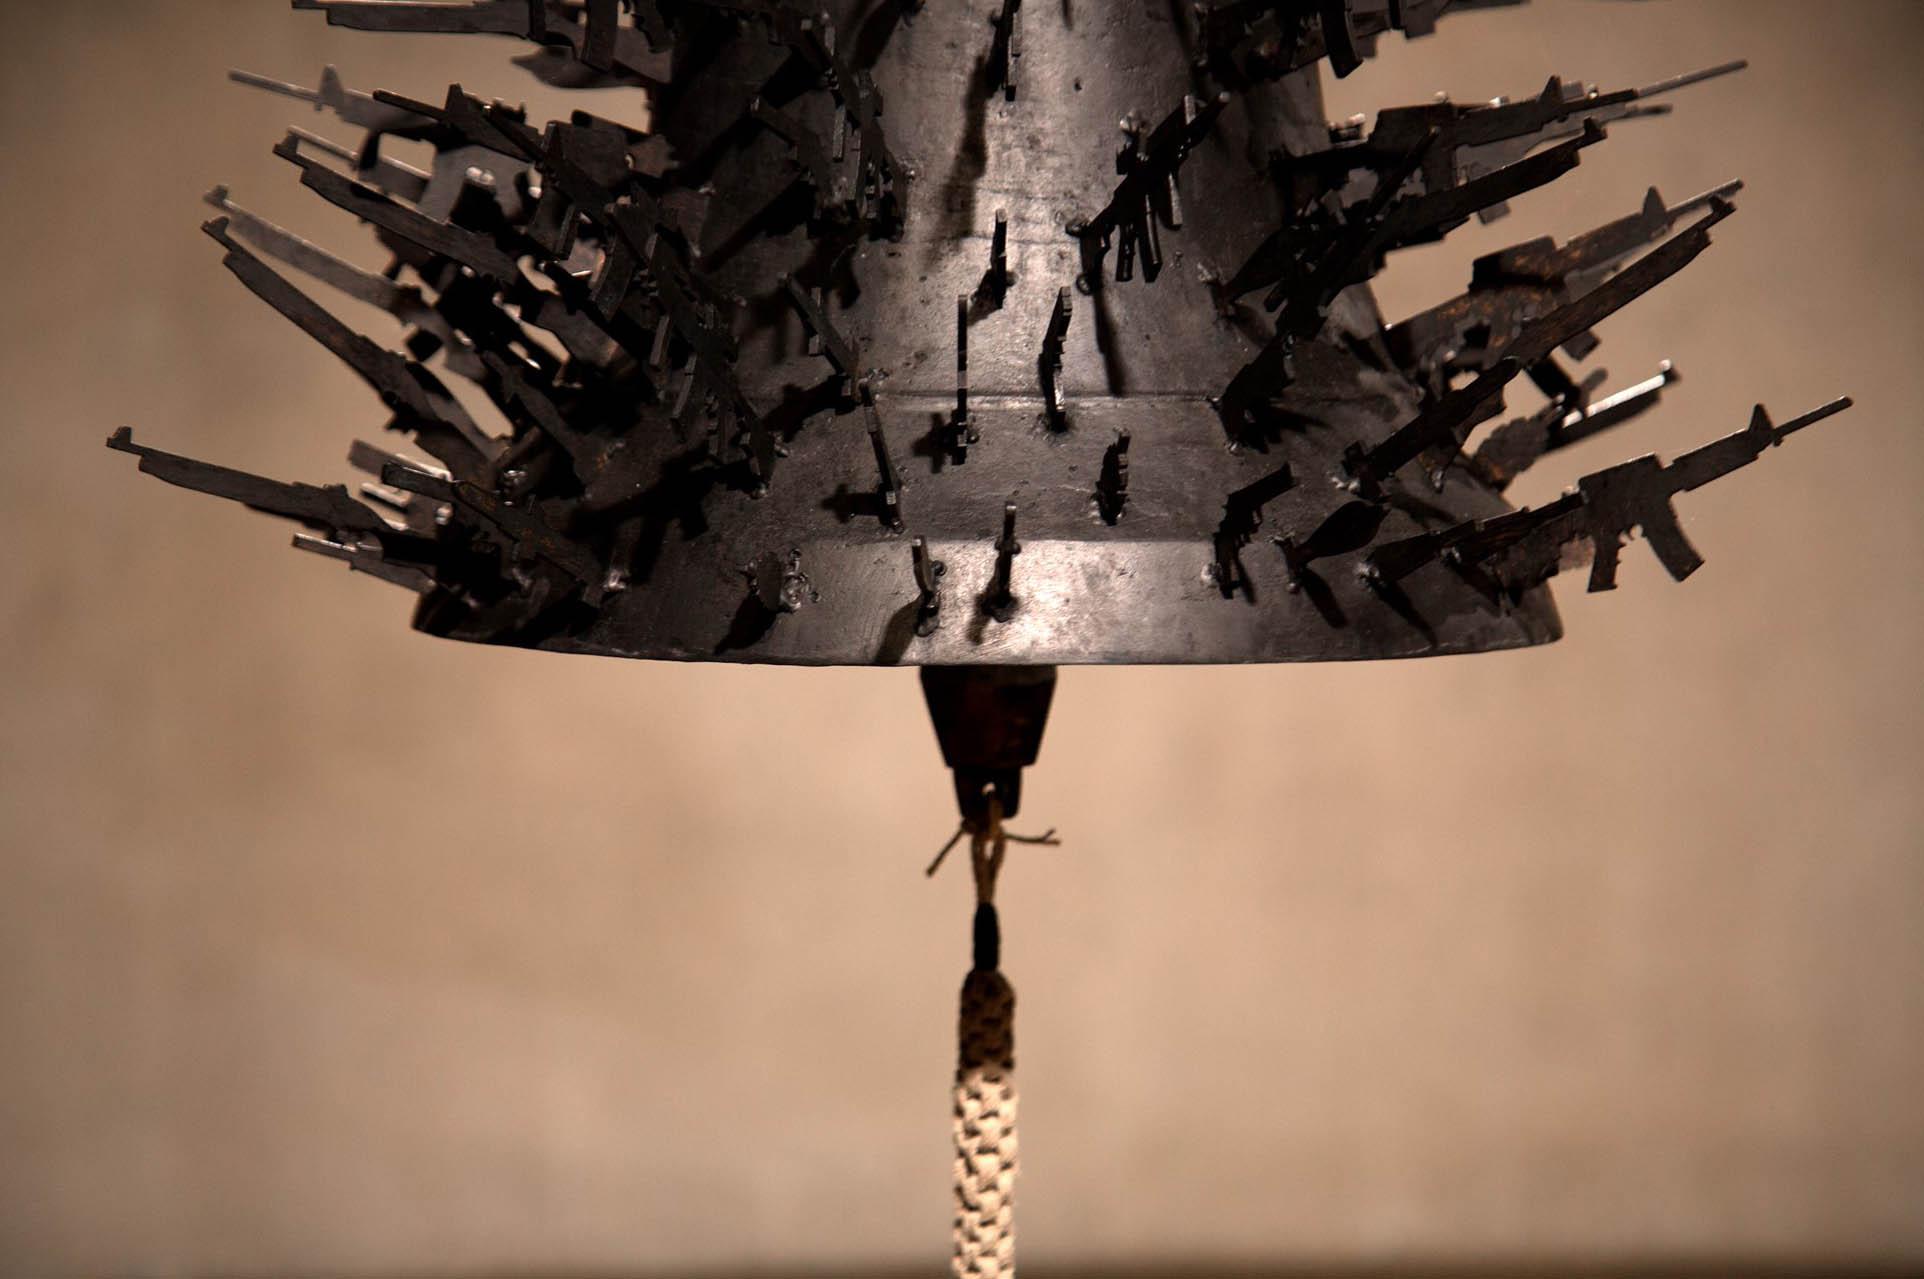 Non Avere Timore: la mostra organizzata da IULM e Triennale, a Milano